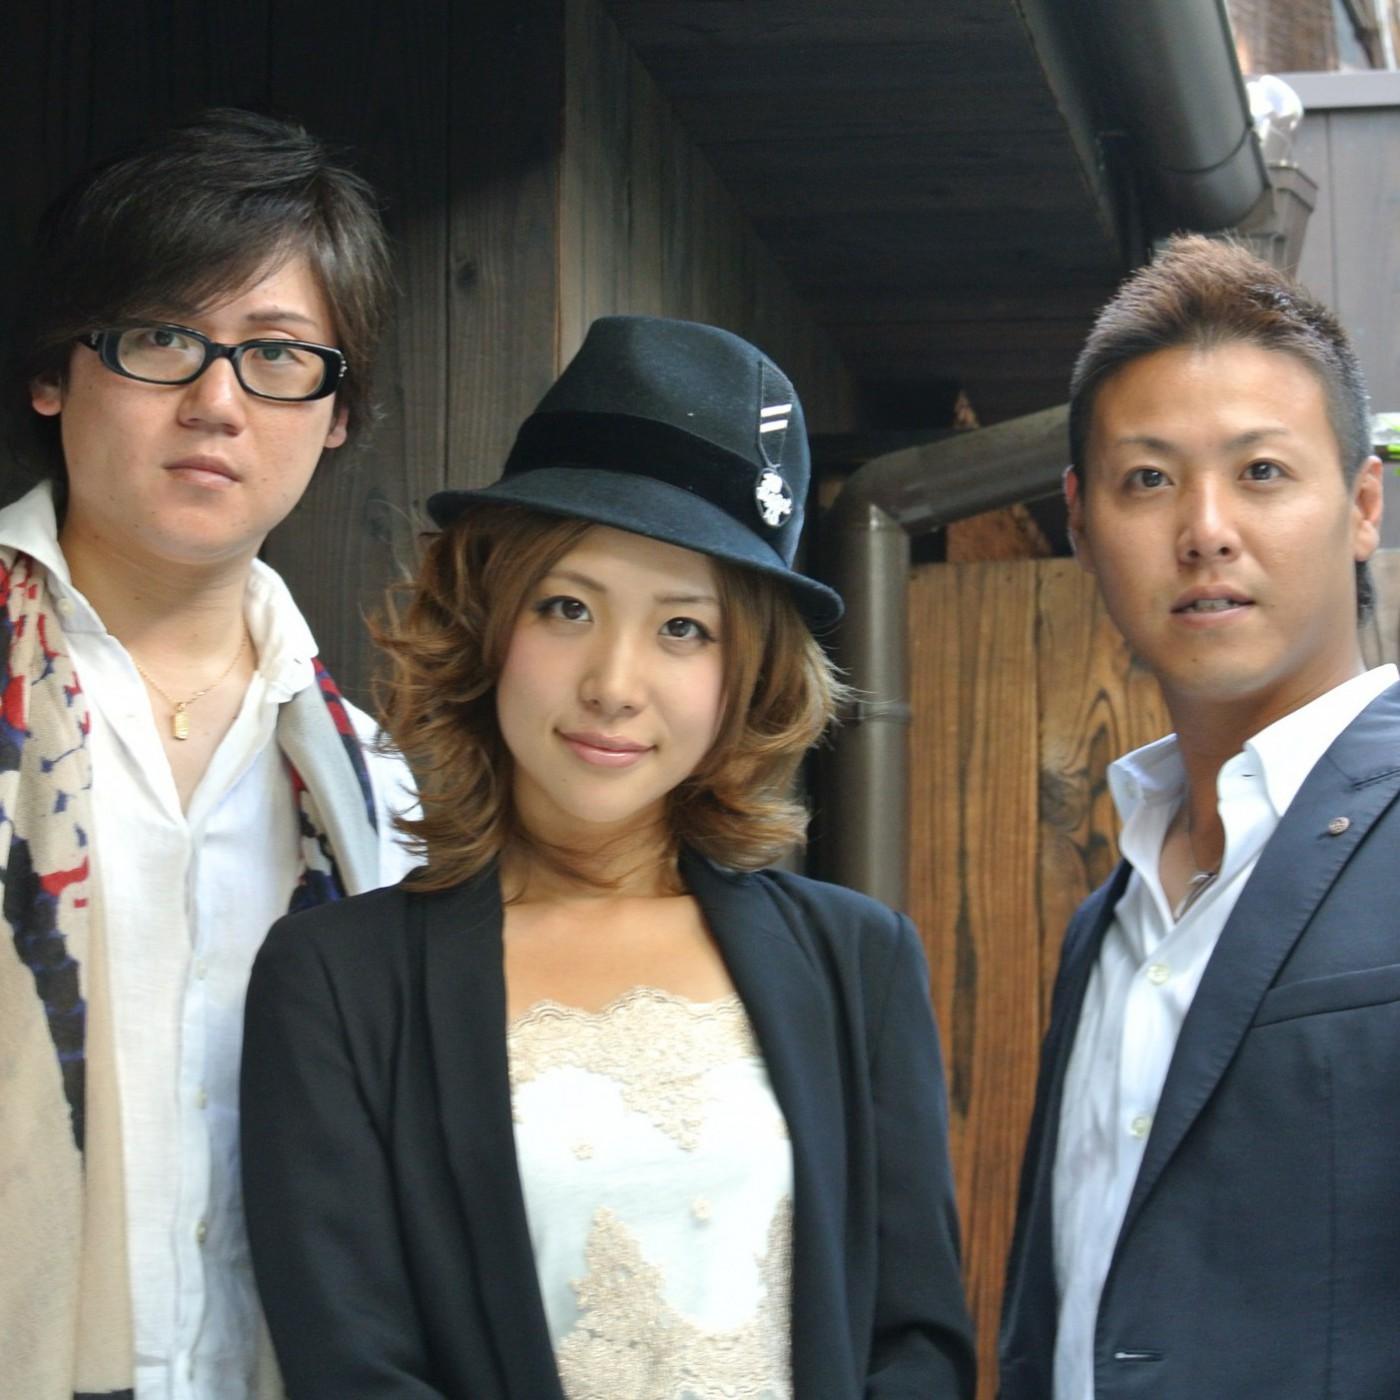 京☆たのしまNight - FM79.7MHz京都三条ラジオカフェ:放送